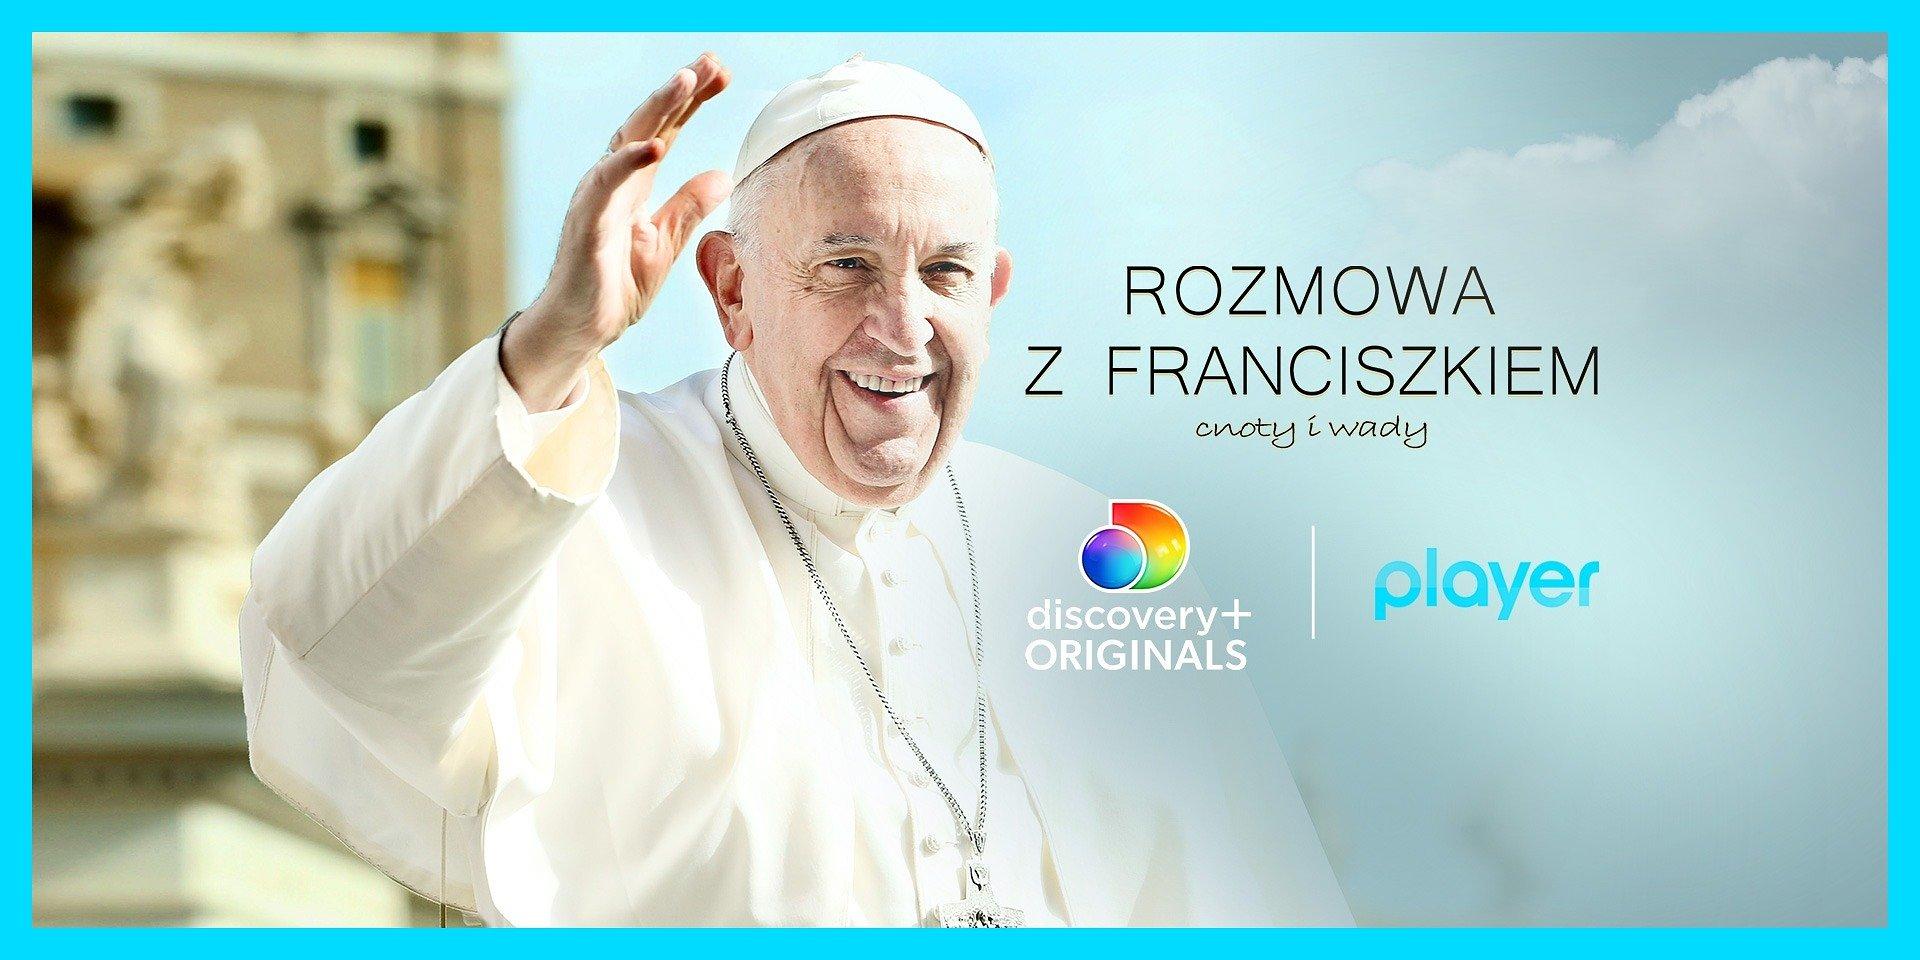 """Nowa produkcja discovery+ Originals """"Rozmowa z Franciszkiem: cnoty i wady"""" tylko w Playerze"""